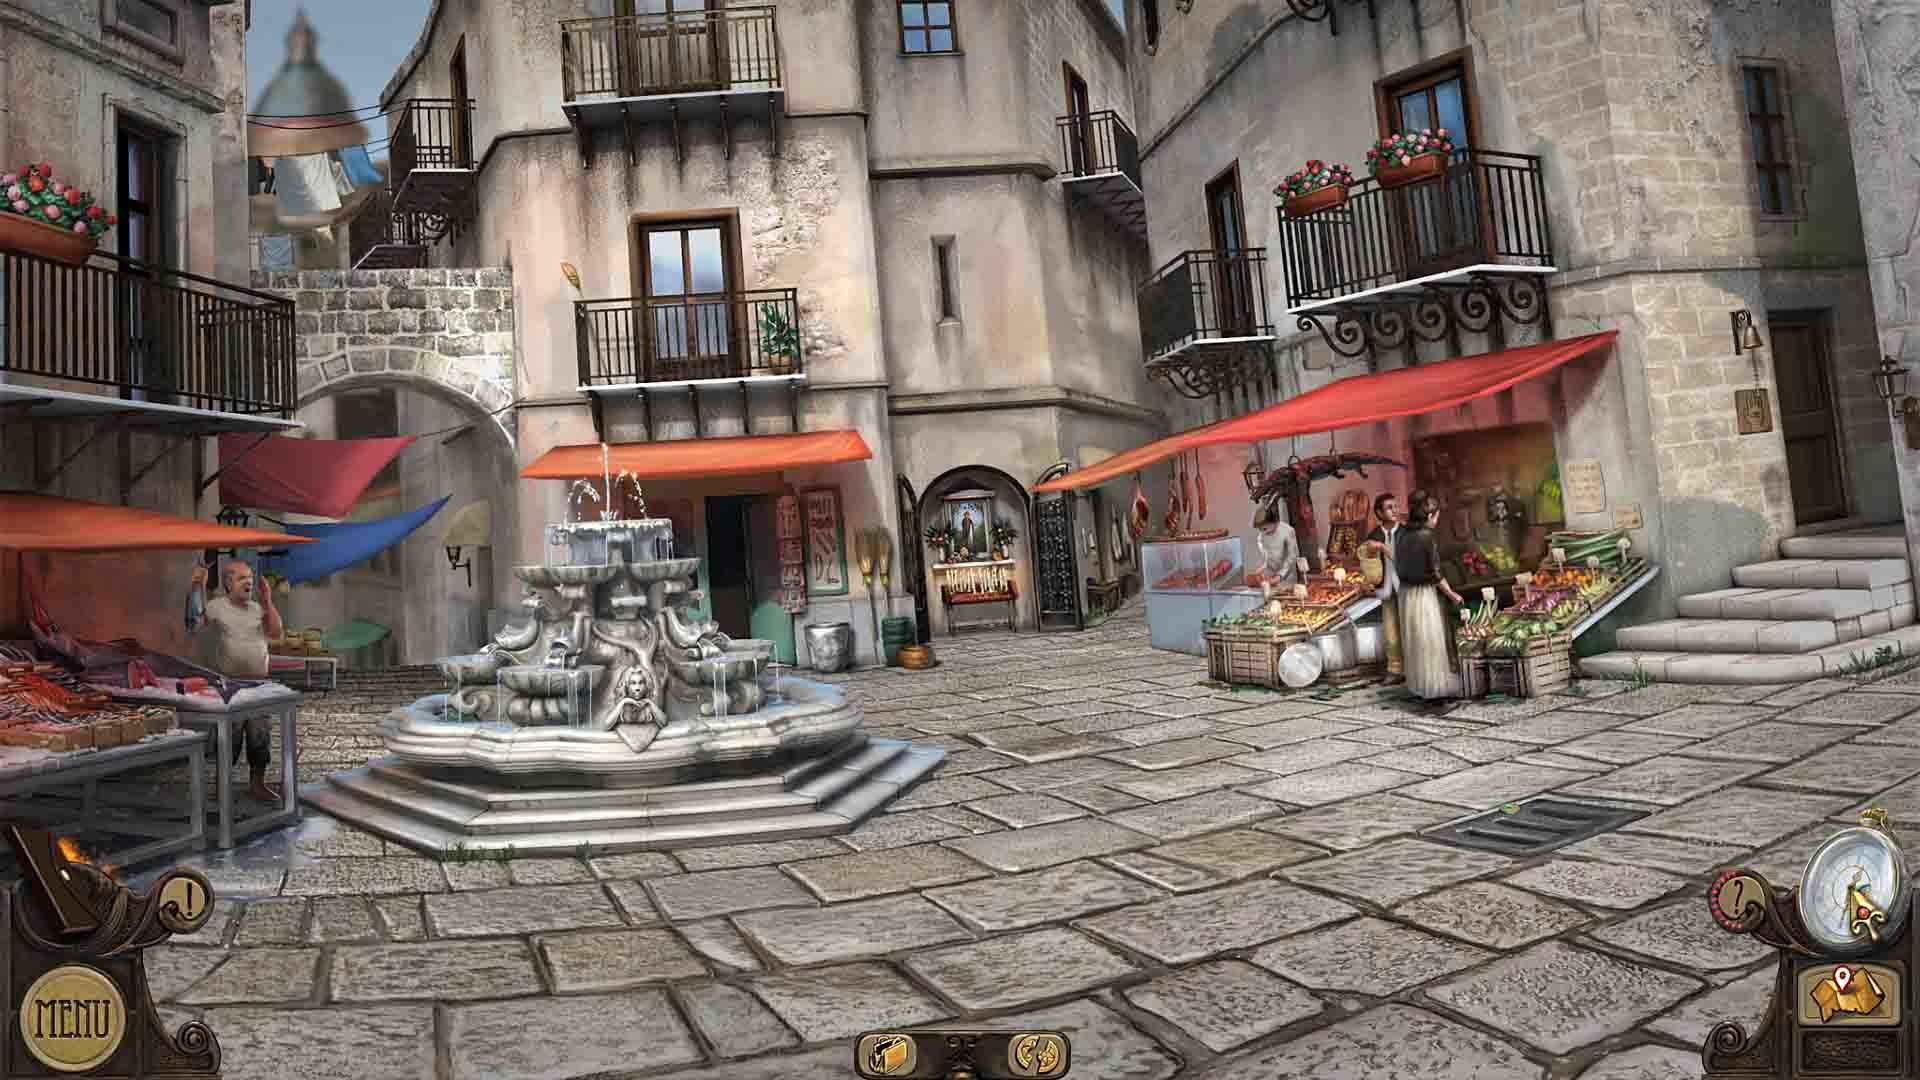 Occultus: Cabala Mediterranea - Piazza